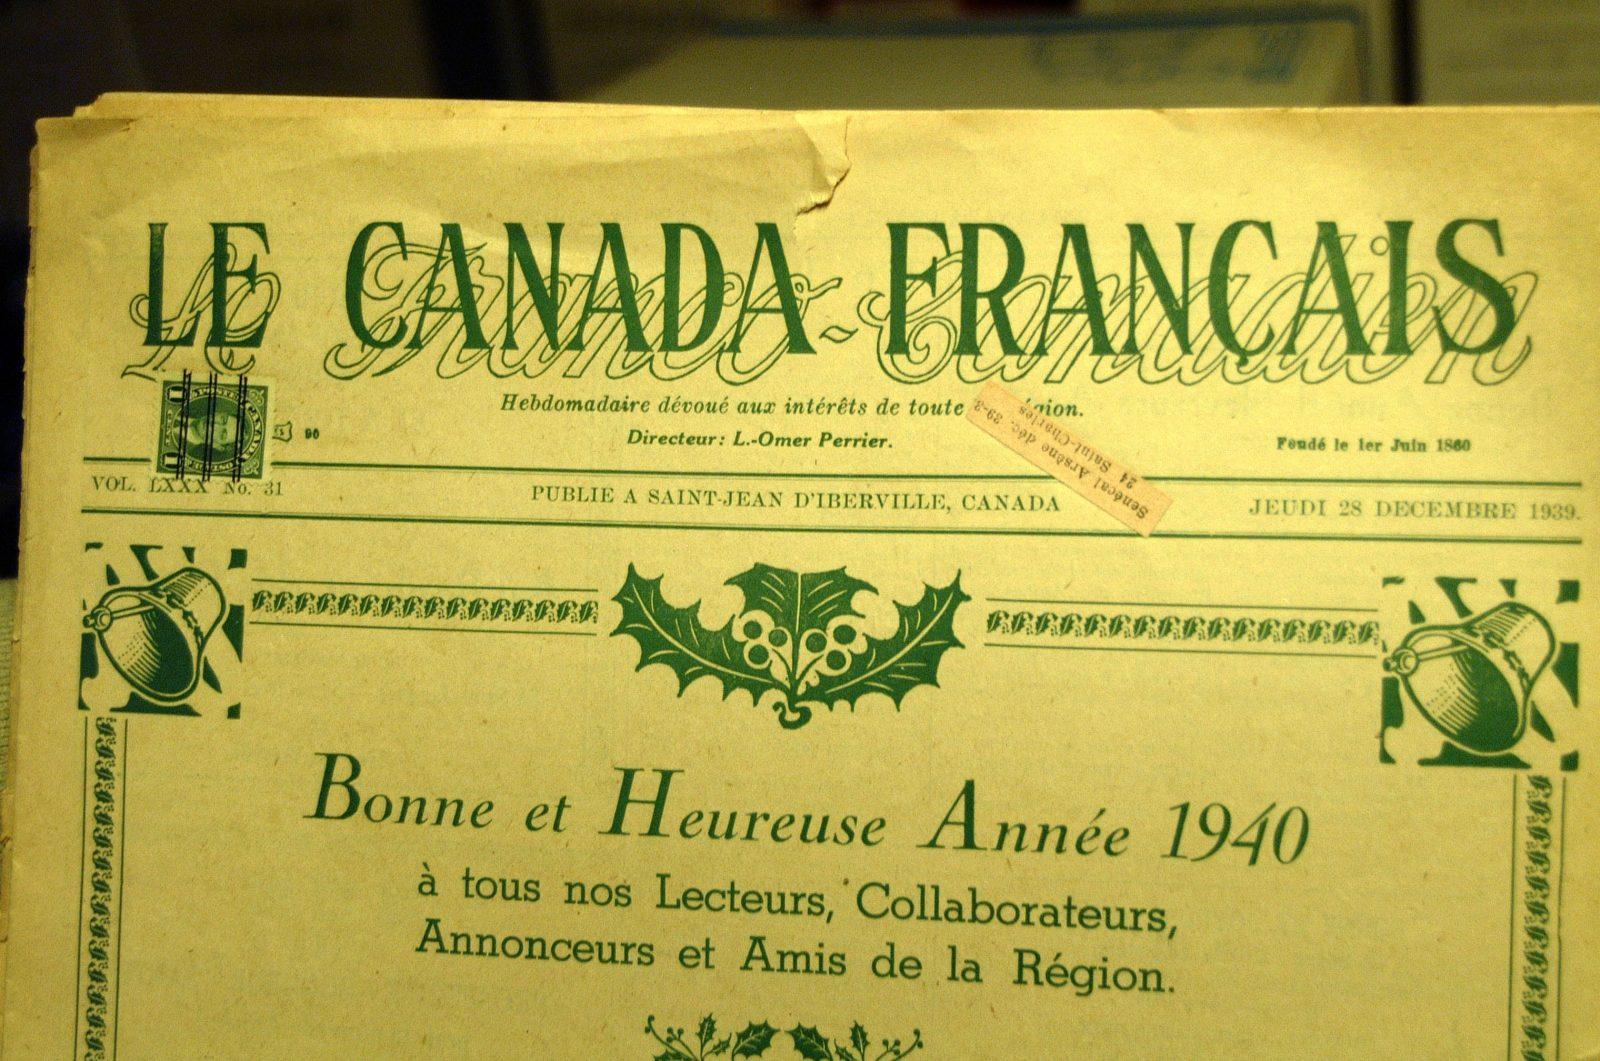 Le Canada Français : le passage au format tabloïd